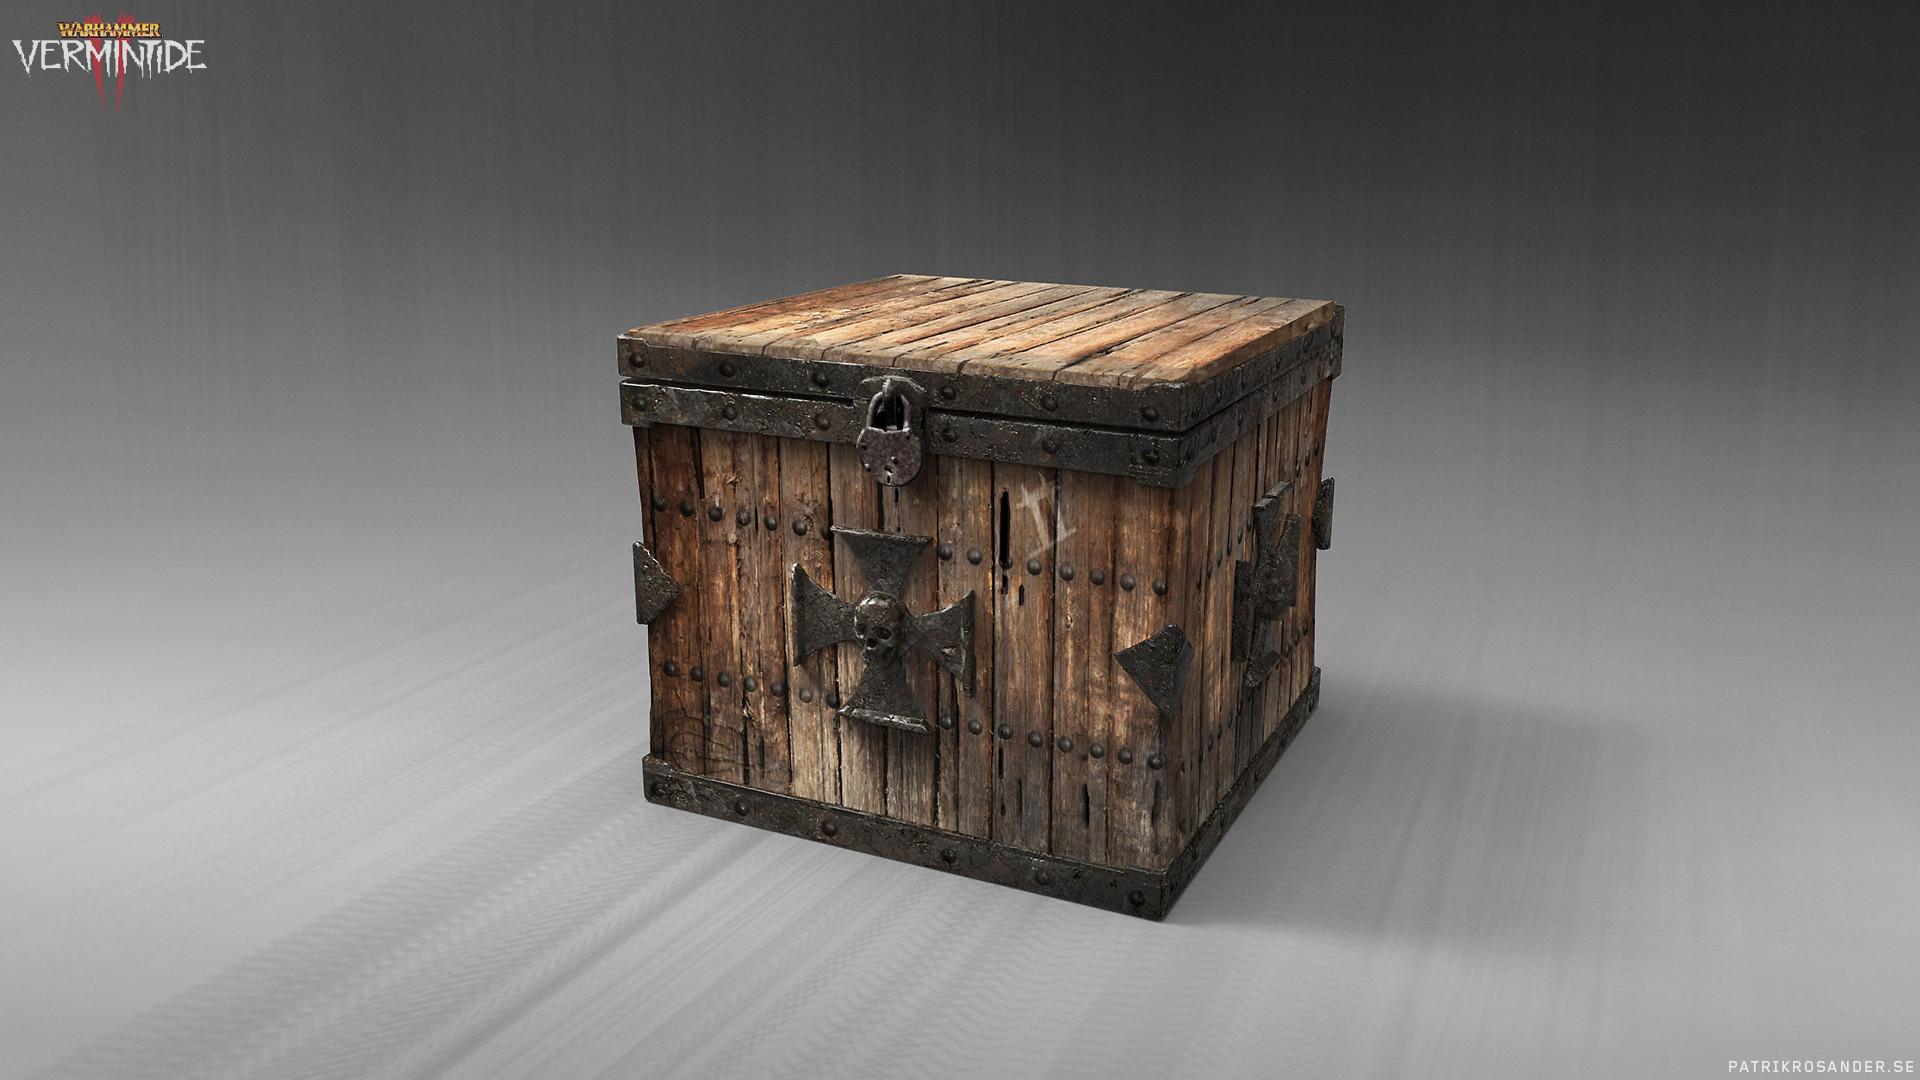 Patrik rosander helmgart prop empire metal crate